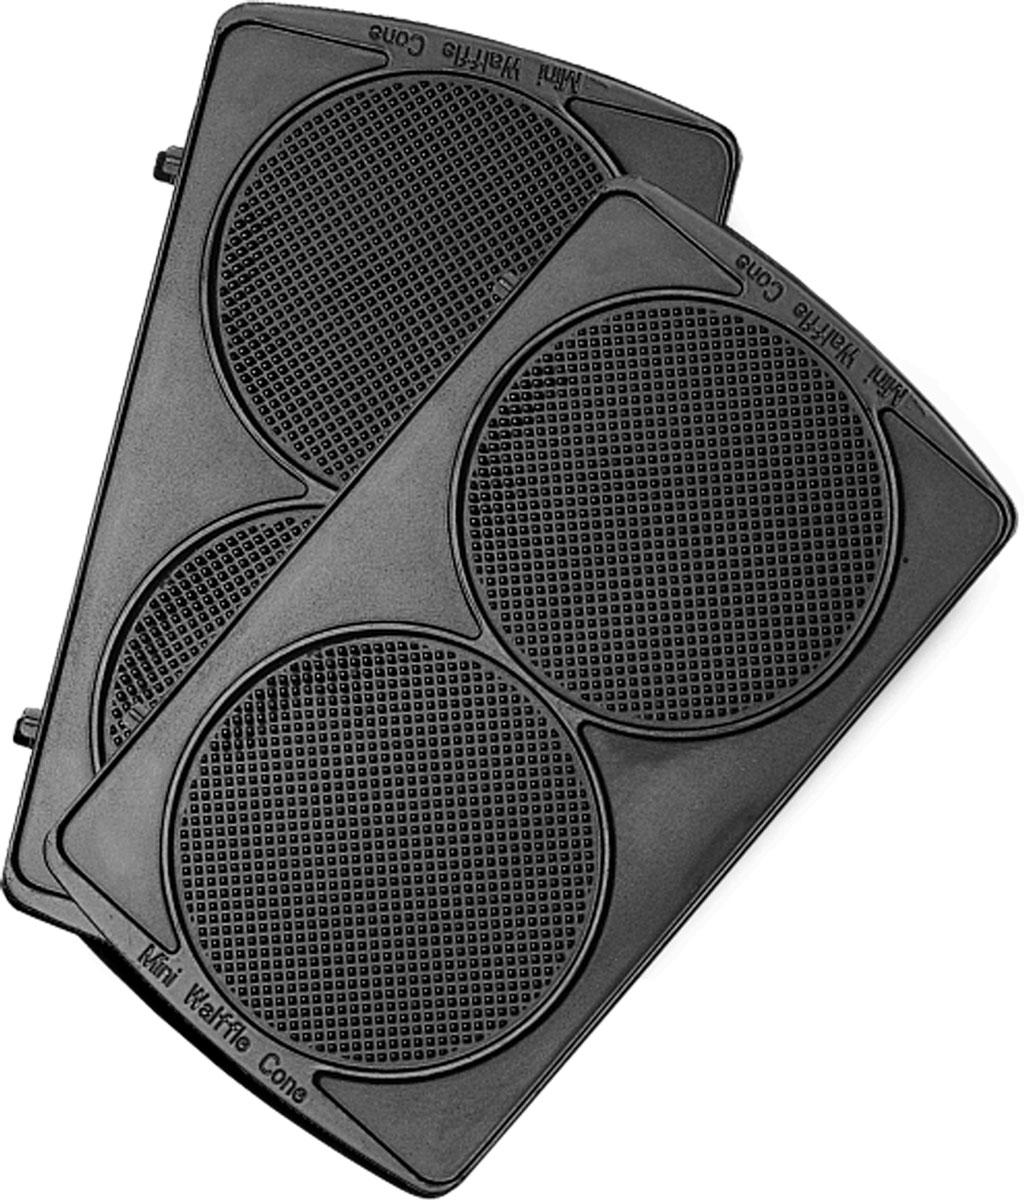 Redmond RAMB-12 панель для мультипекаряRAMB-12Универсальные съемные панели для любого мультипекаря Redmond! Позволят приготовить тонкие бельгийские вафли с медом или сгущенным молоком, а также – легкие крекеры. Панели изготовлены из металла с антипригарным покрытием – они долговечны и легки в уходе. Подходит для использования в мультипекарях Redmond: RMB-M600, RMB-M601, RMB-M602, RMB-M603, RMBM604, RMB-M605, RMB-M606, RMB- M607, RMB-M608, RMB-M609, RMB-M610, RMB-611.